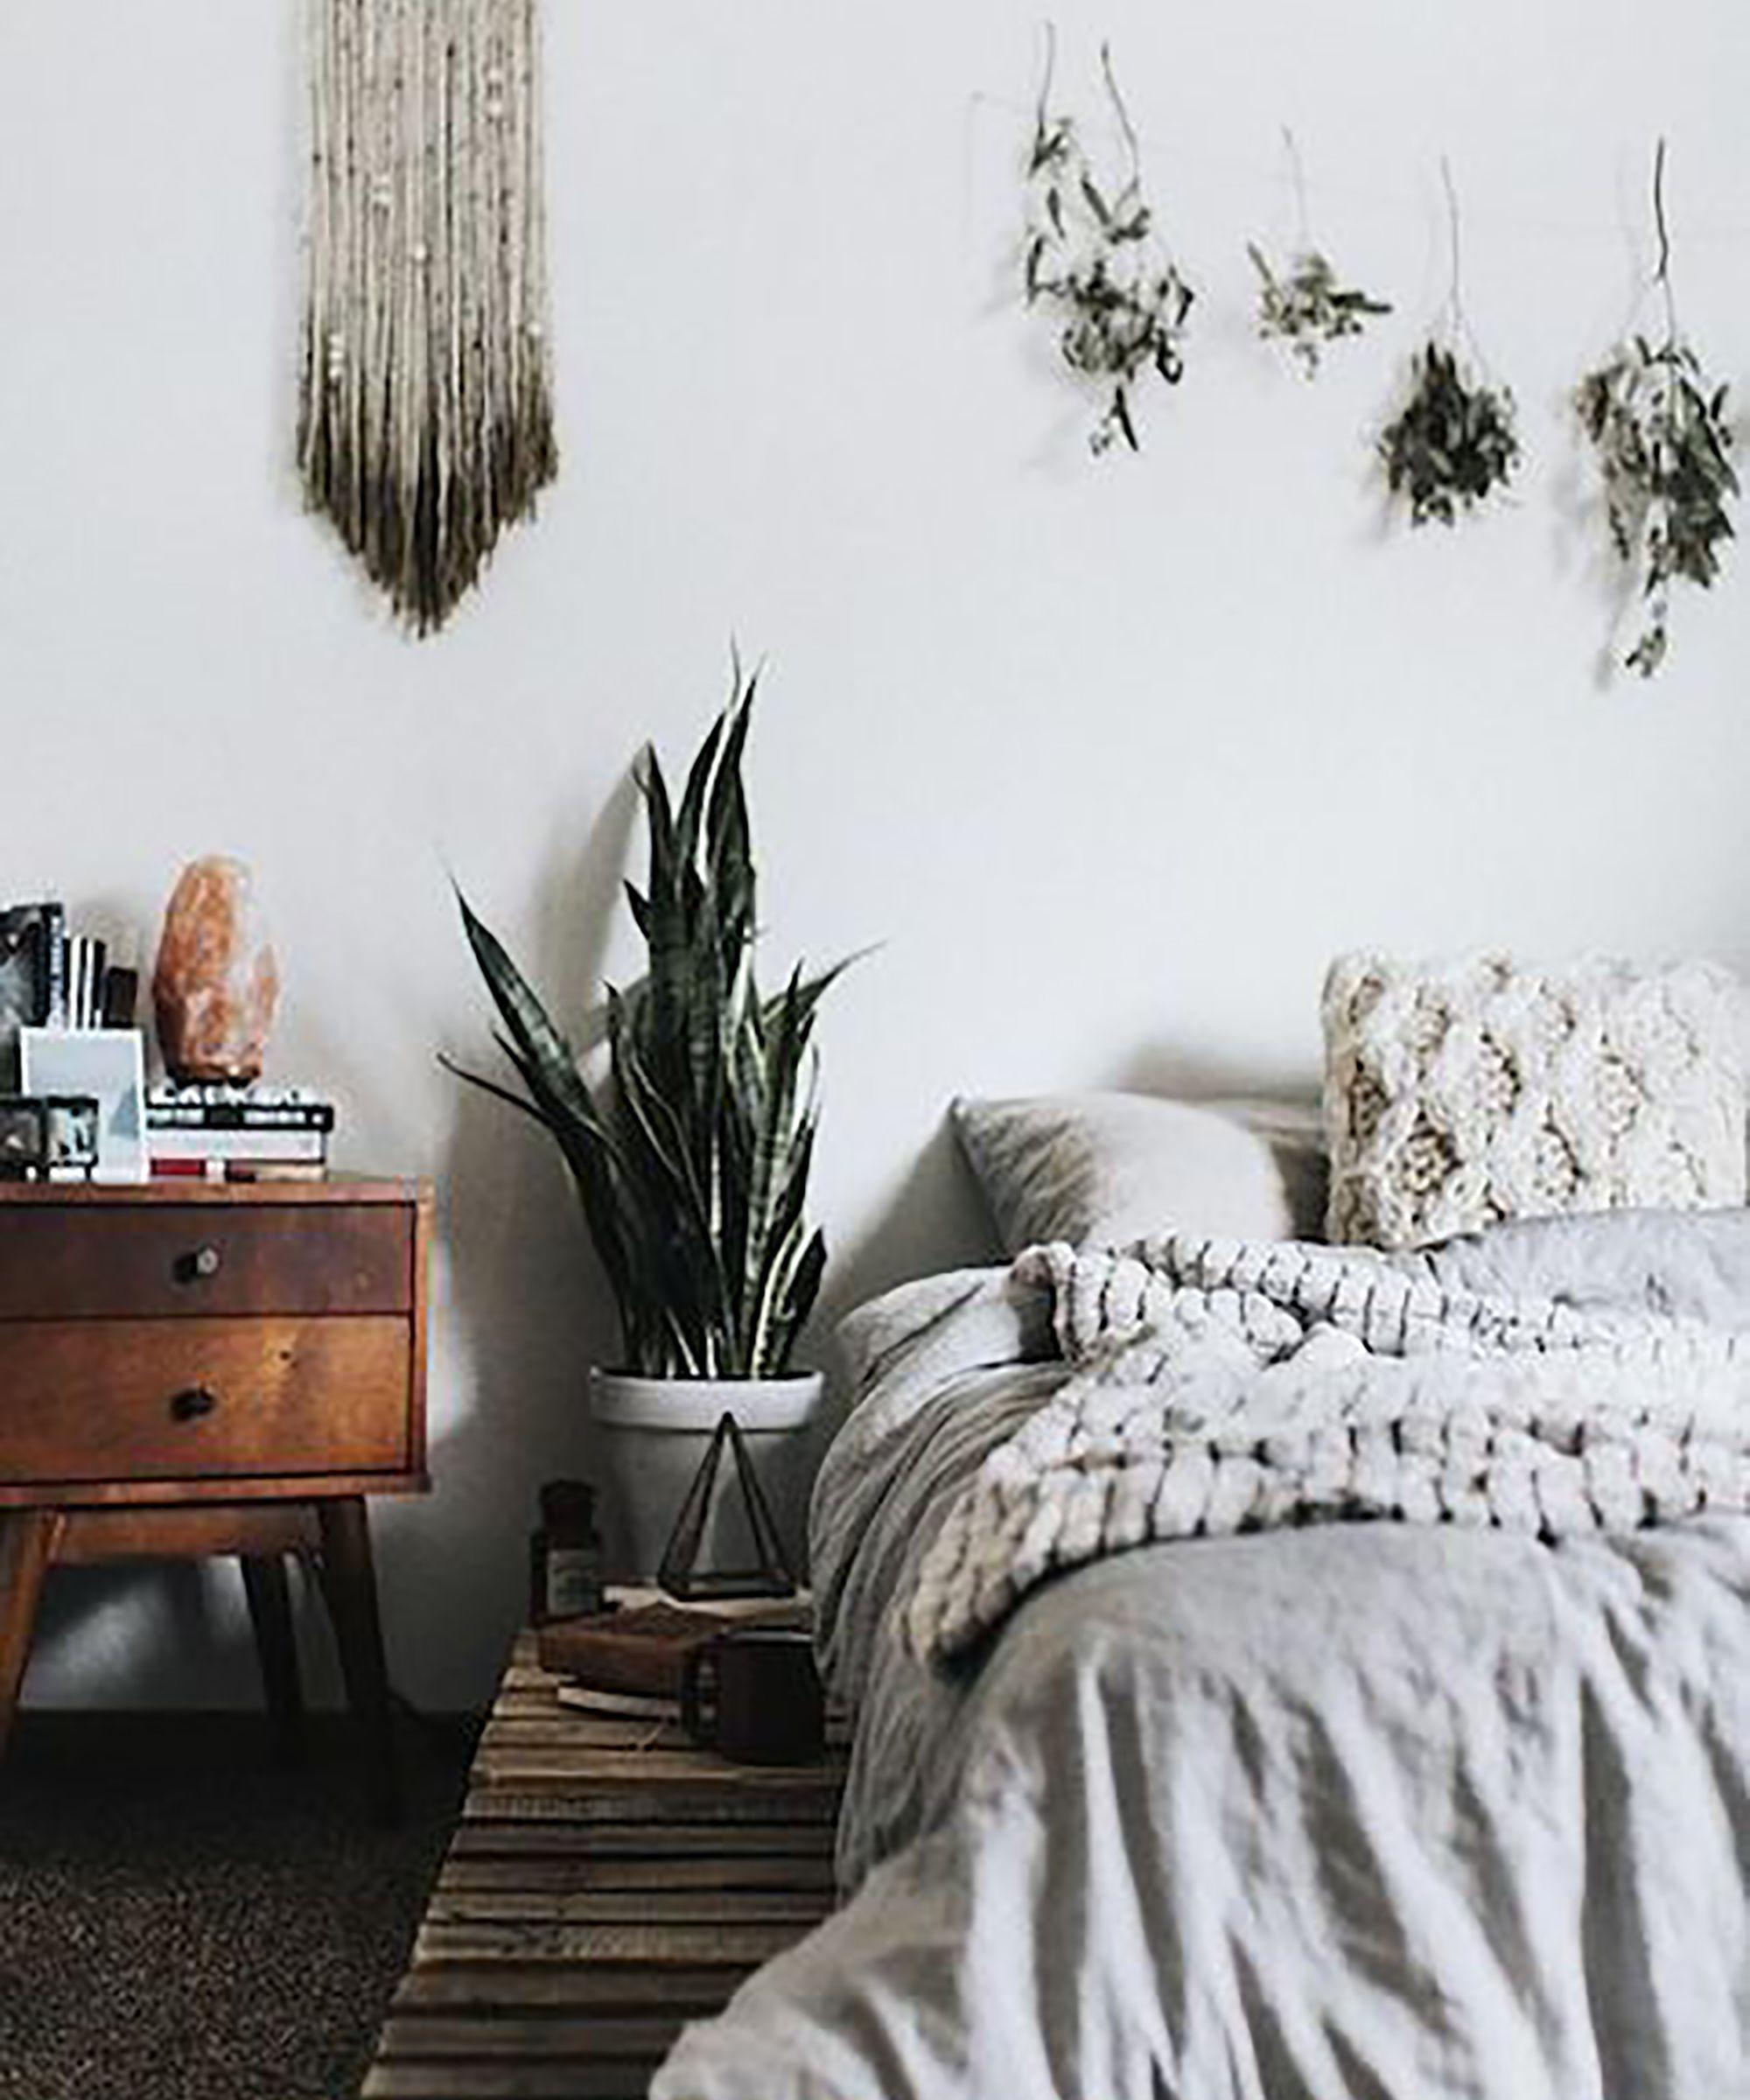 das sind die 29 sch nsten r ume auf instagram indoor pinterest schlafzimmer m bel und wohnen. Black Bedroom Furniture Sets. Home Design Ideas